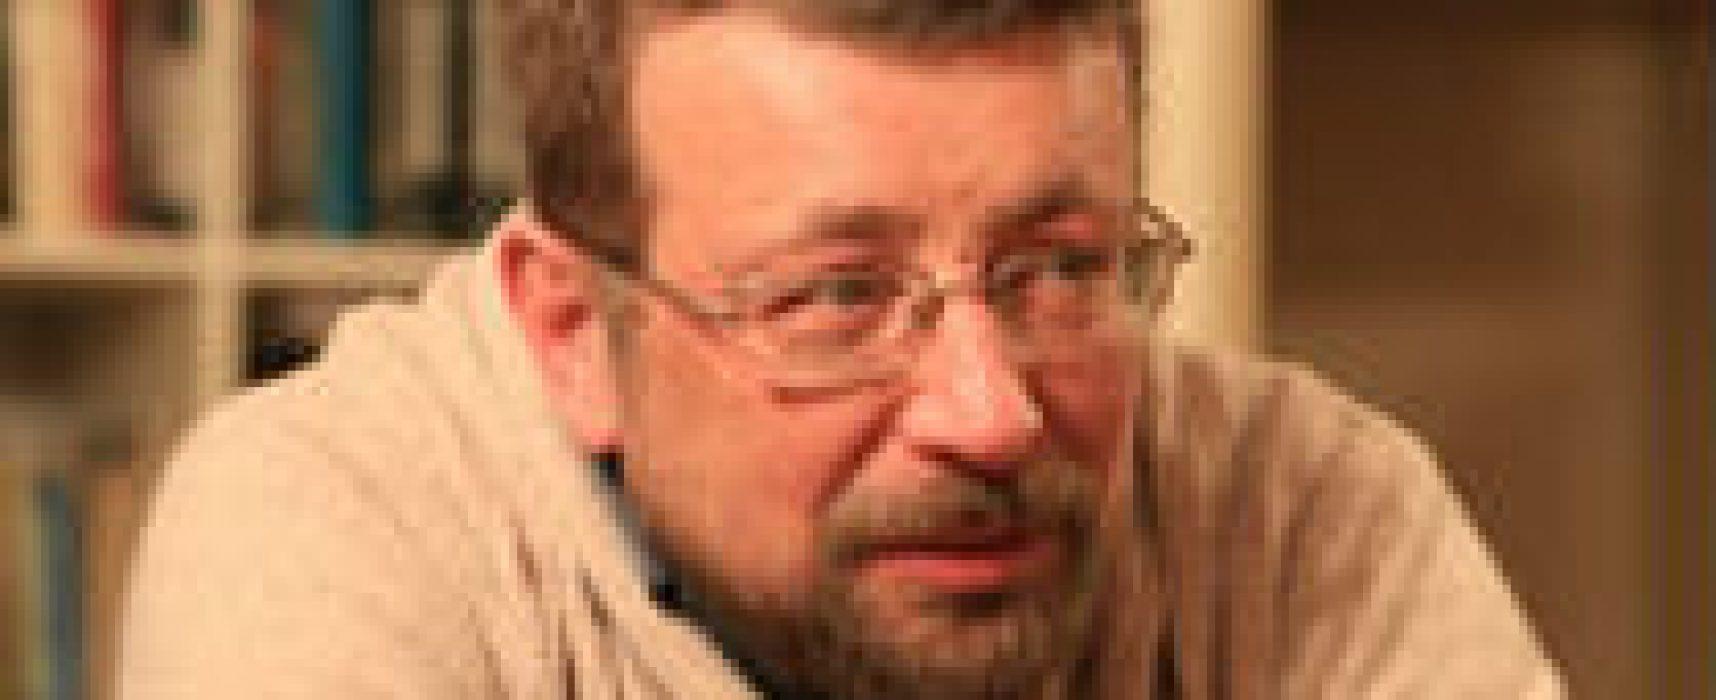 Илья Мильштейн: Выход из плена